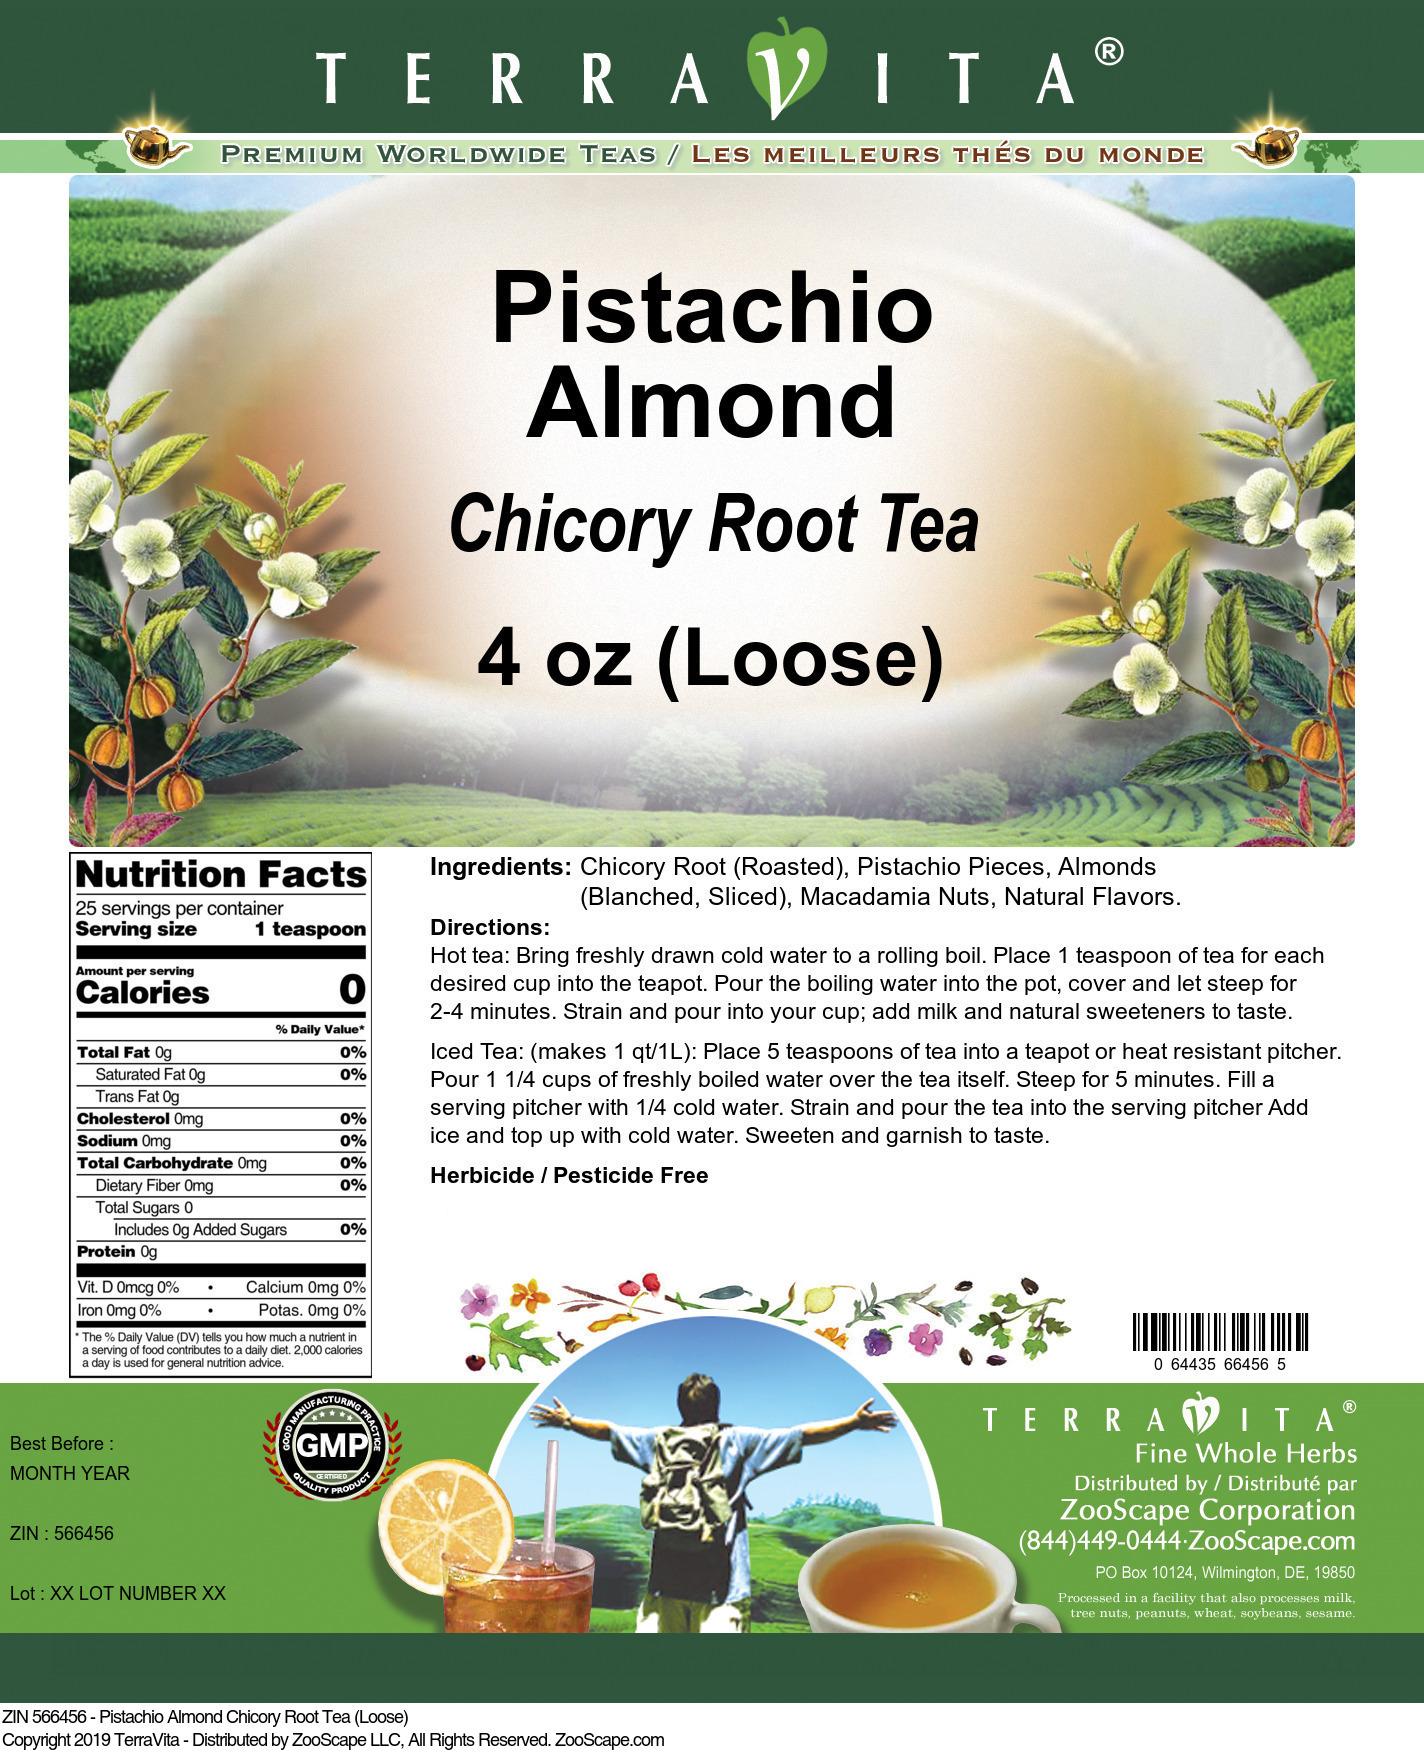 Pistachio Almond Chicory Root Tea (Loose)